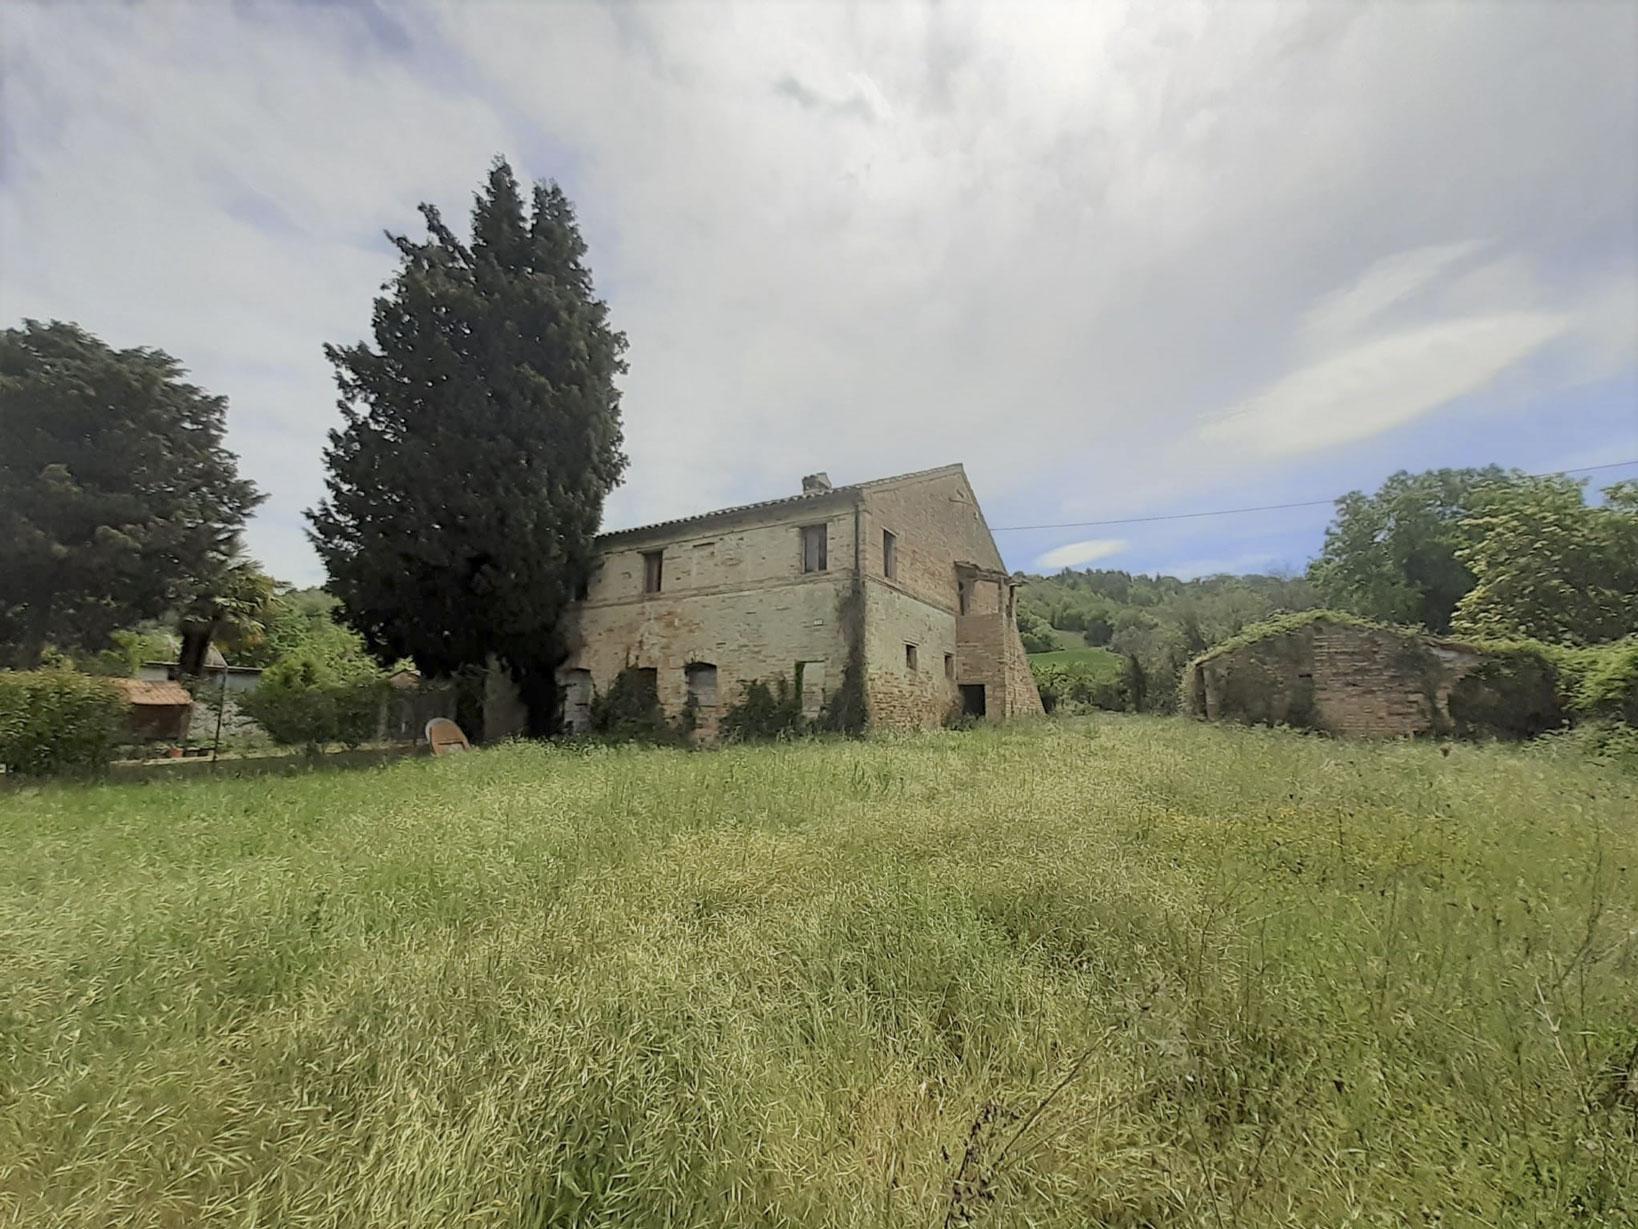 Casa singola con ampio giardino ad uso esclusivo, Contrada Potenza, Villa Potenza-Macerata